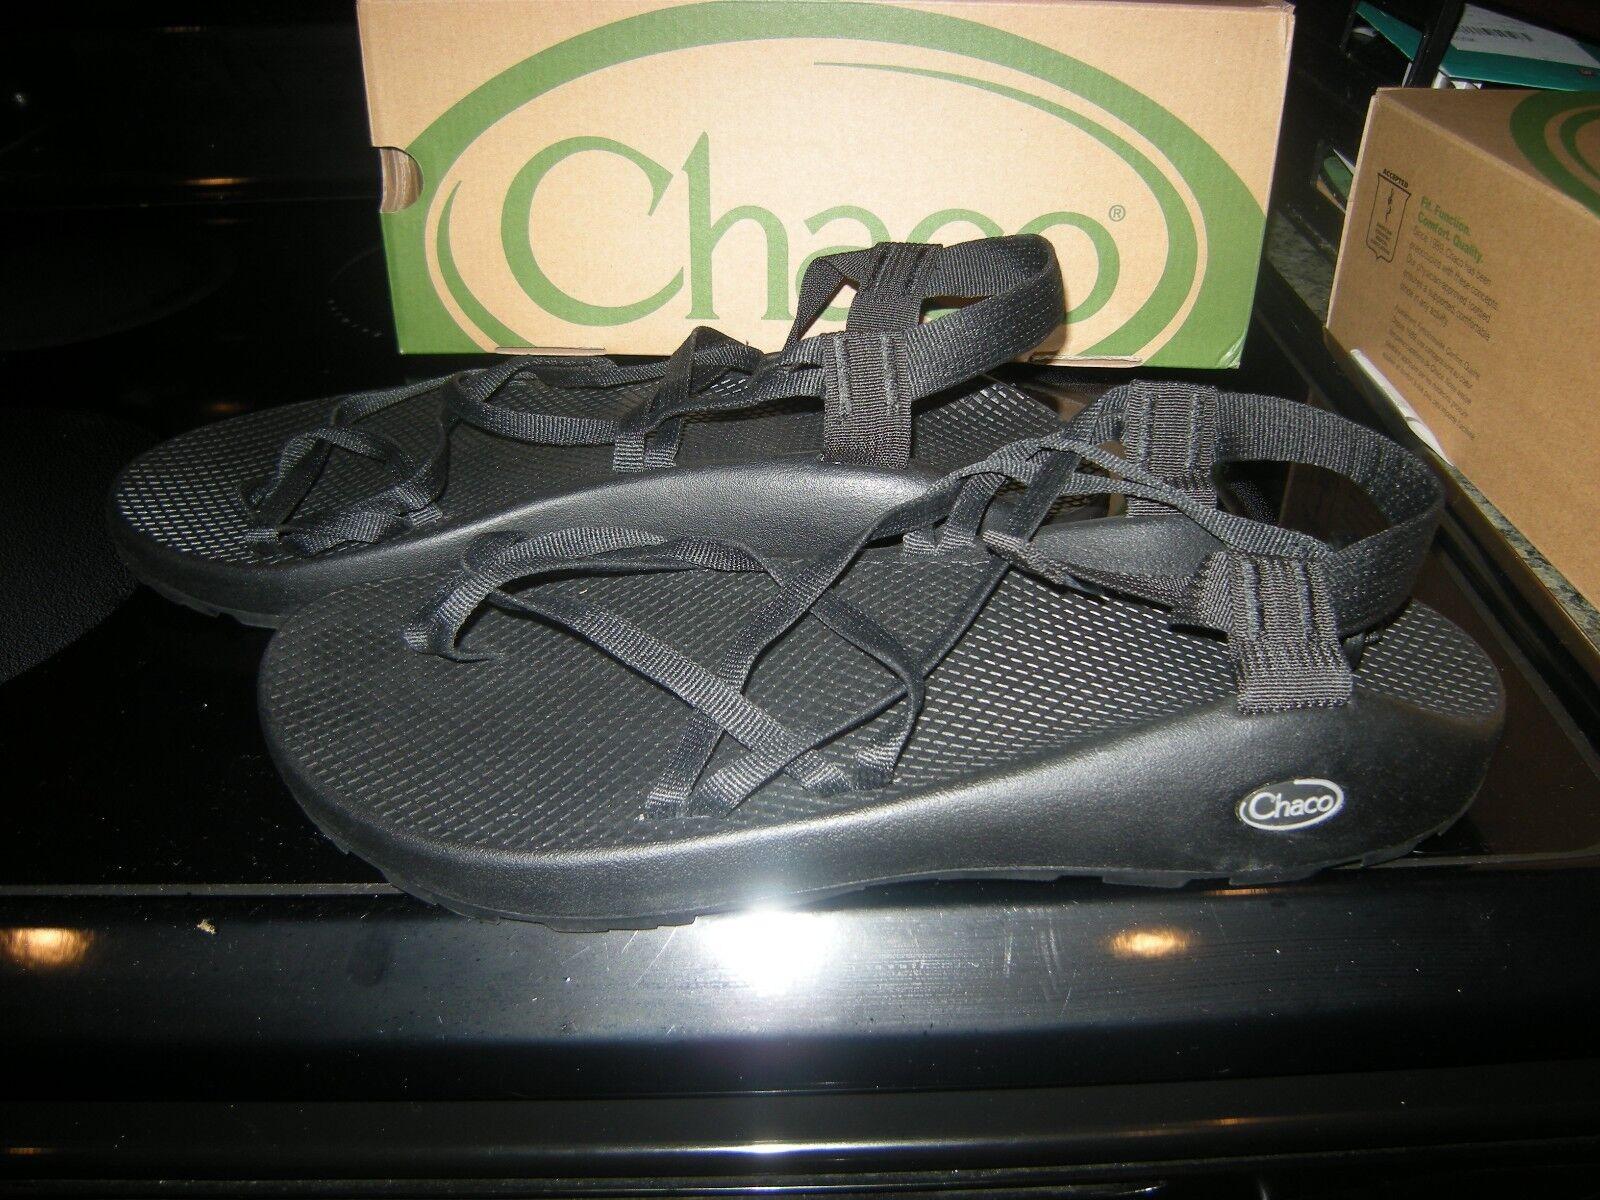 58e5e3b90ce3 Brand New Mens Black Chaco ZX2 Sandals